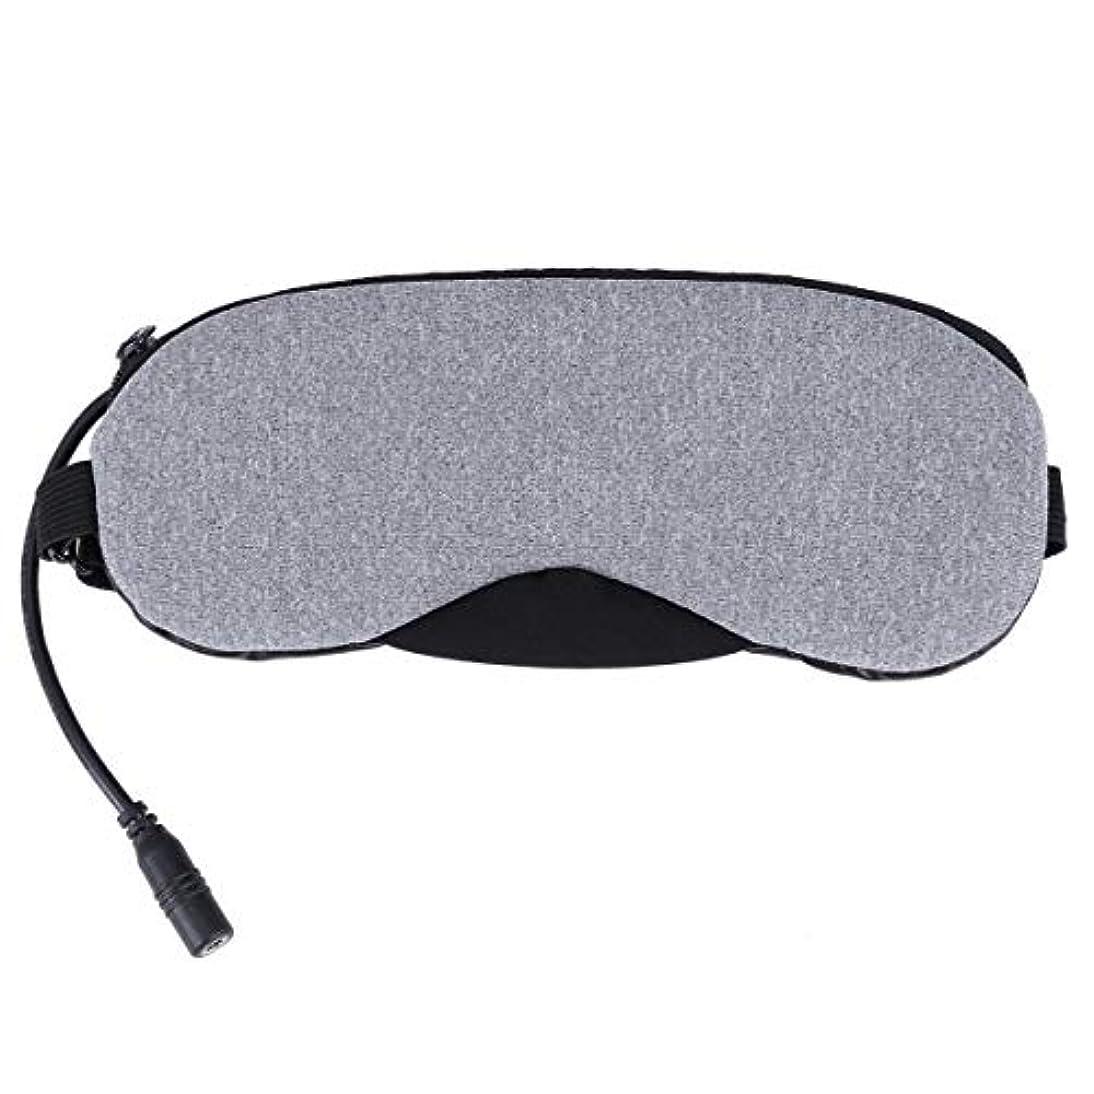 突撃世界の窓公平なSUPVOX usbスチームアイマスクドライアイ眼eph炎用アイスパック温熱治療用アイマスク(グレー)